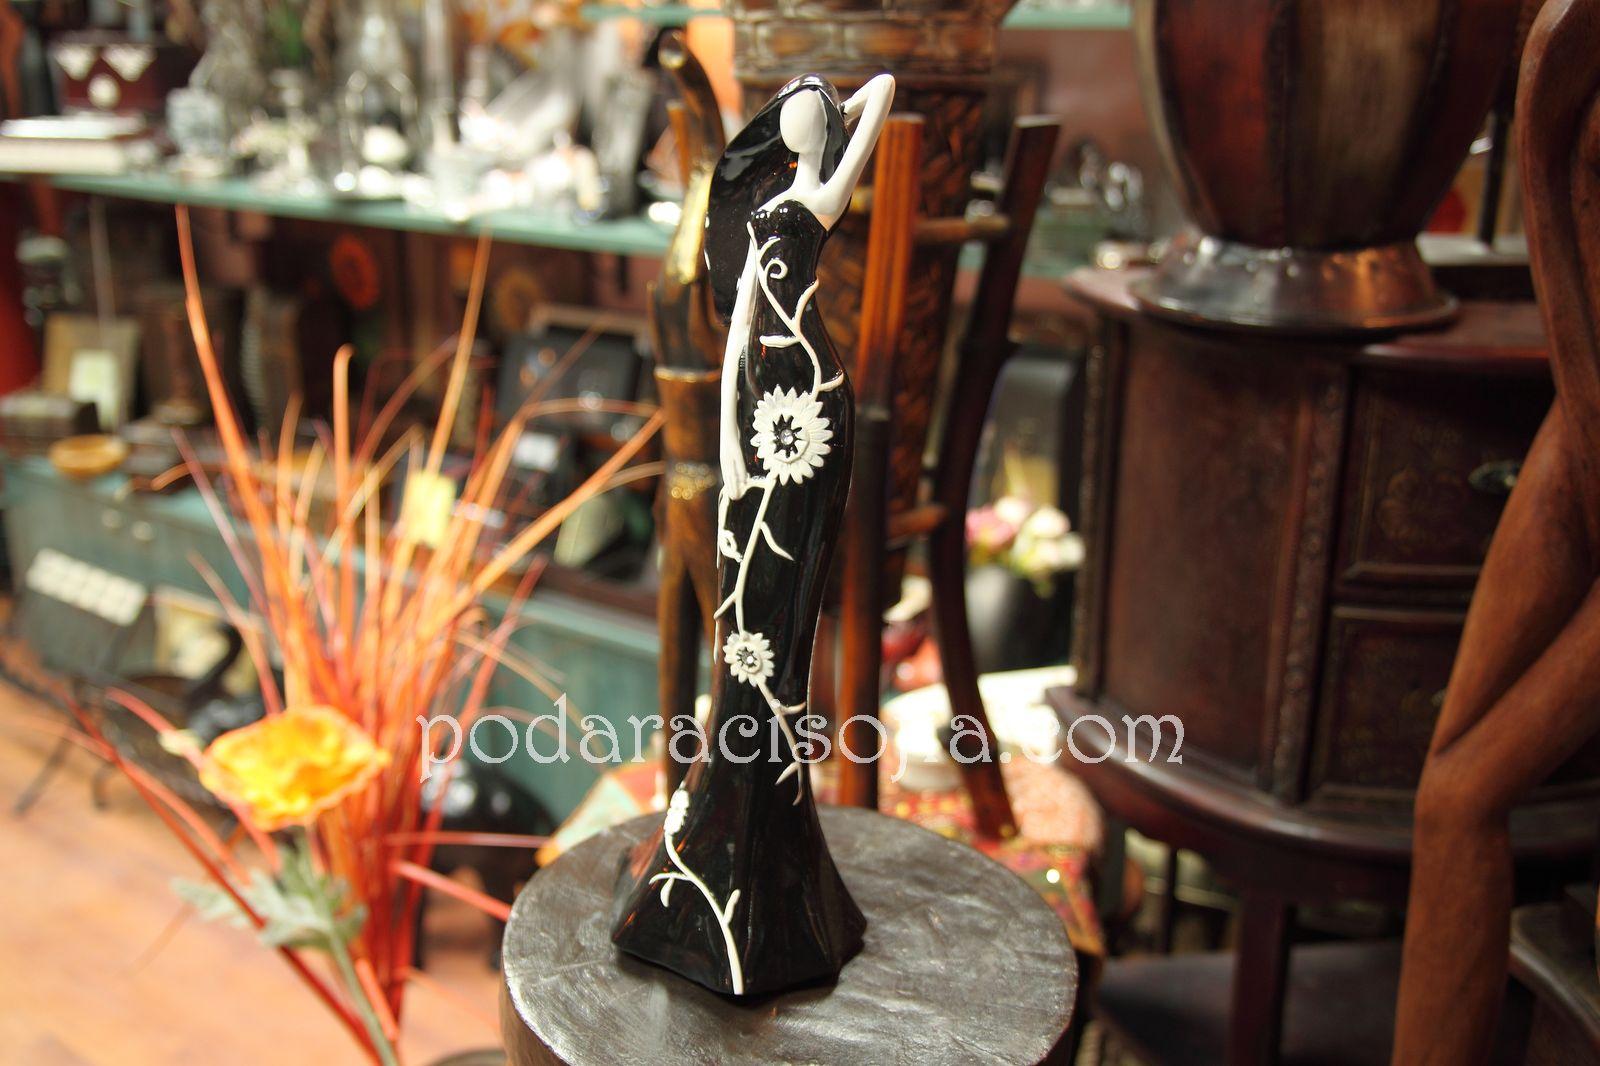 Пластика на женска фигура - идея за подарък за жена от магазин за подаръци Gifts